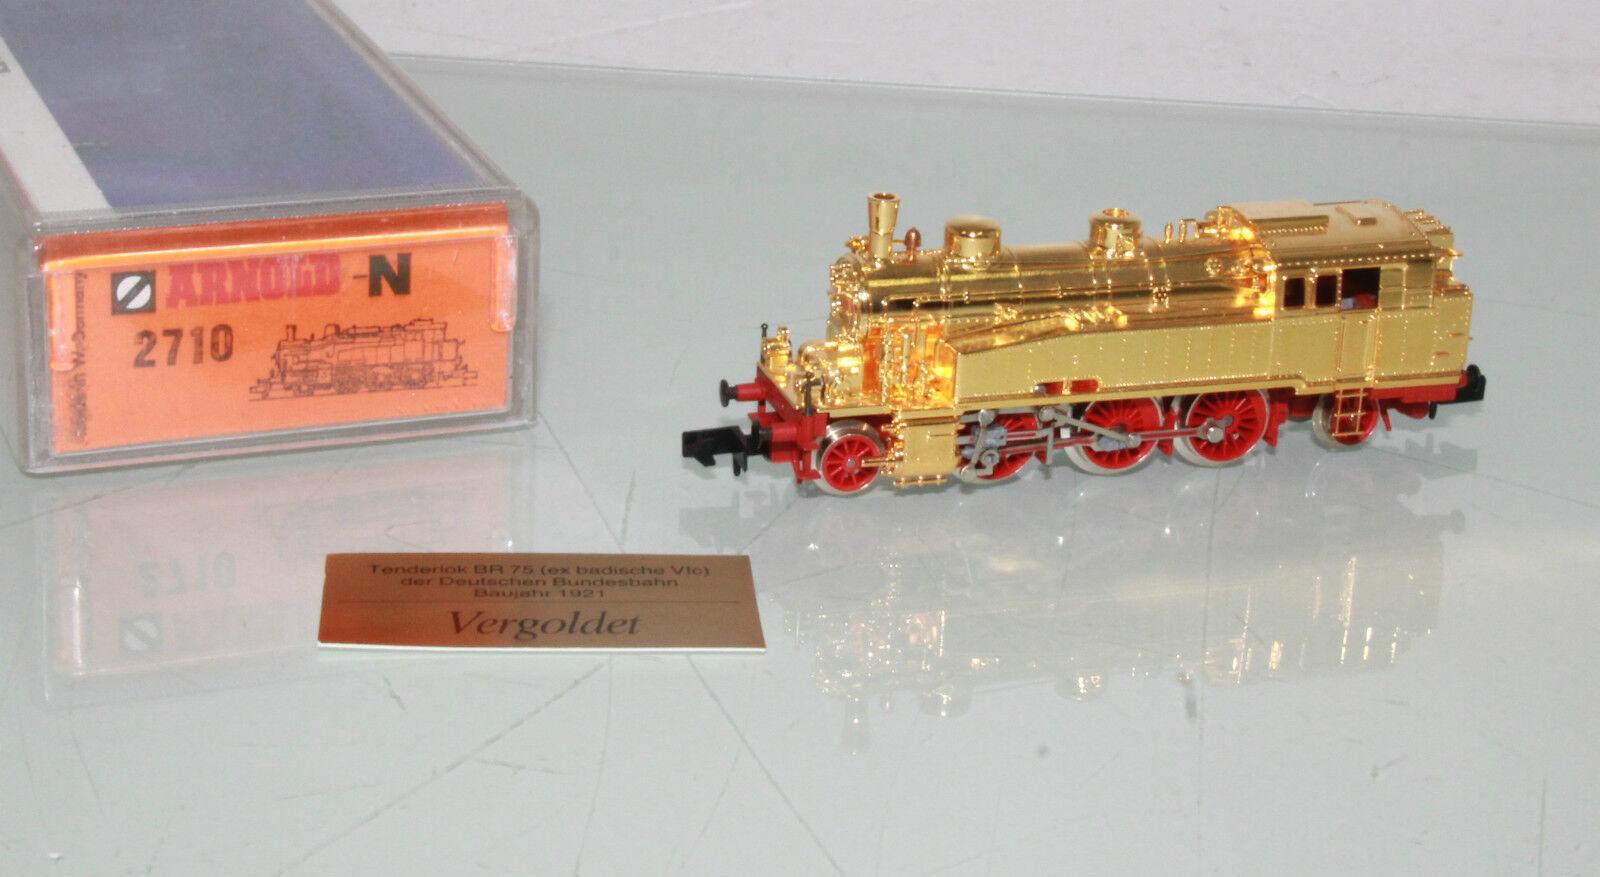 Arnold pista n 2710 máquina de vapor br 75 (ex baño. Deténnos) de la DB dorado en embalaje original (jl9544)